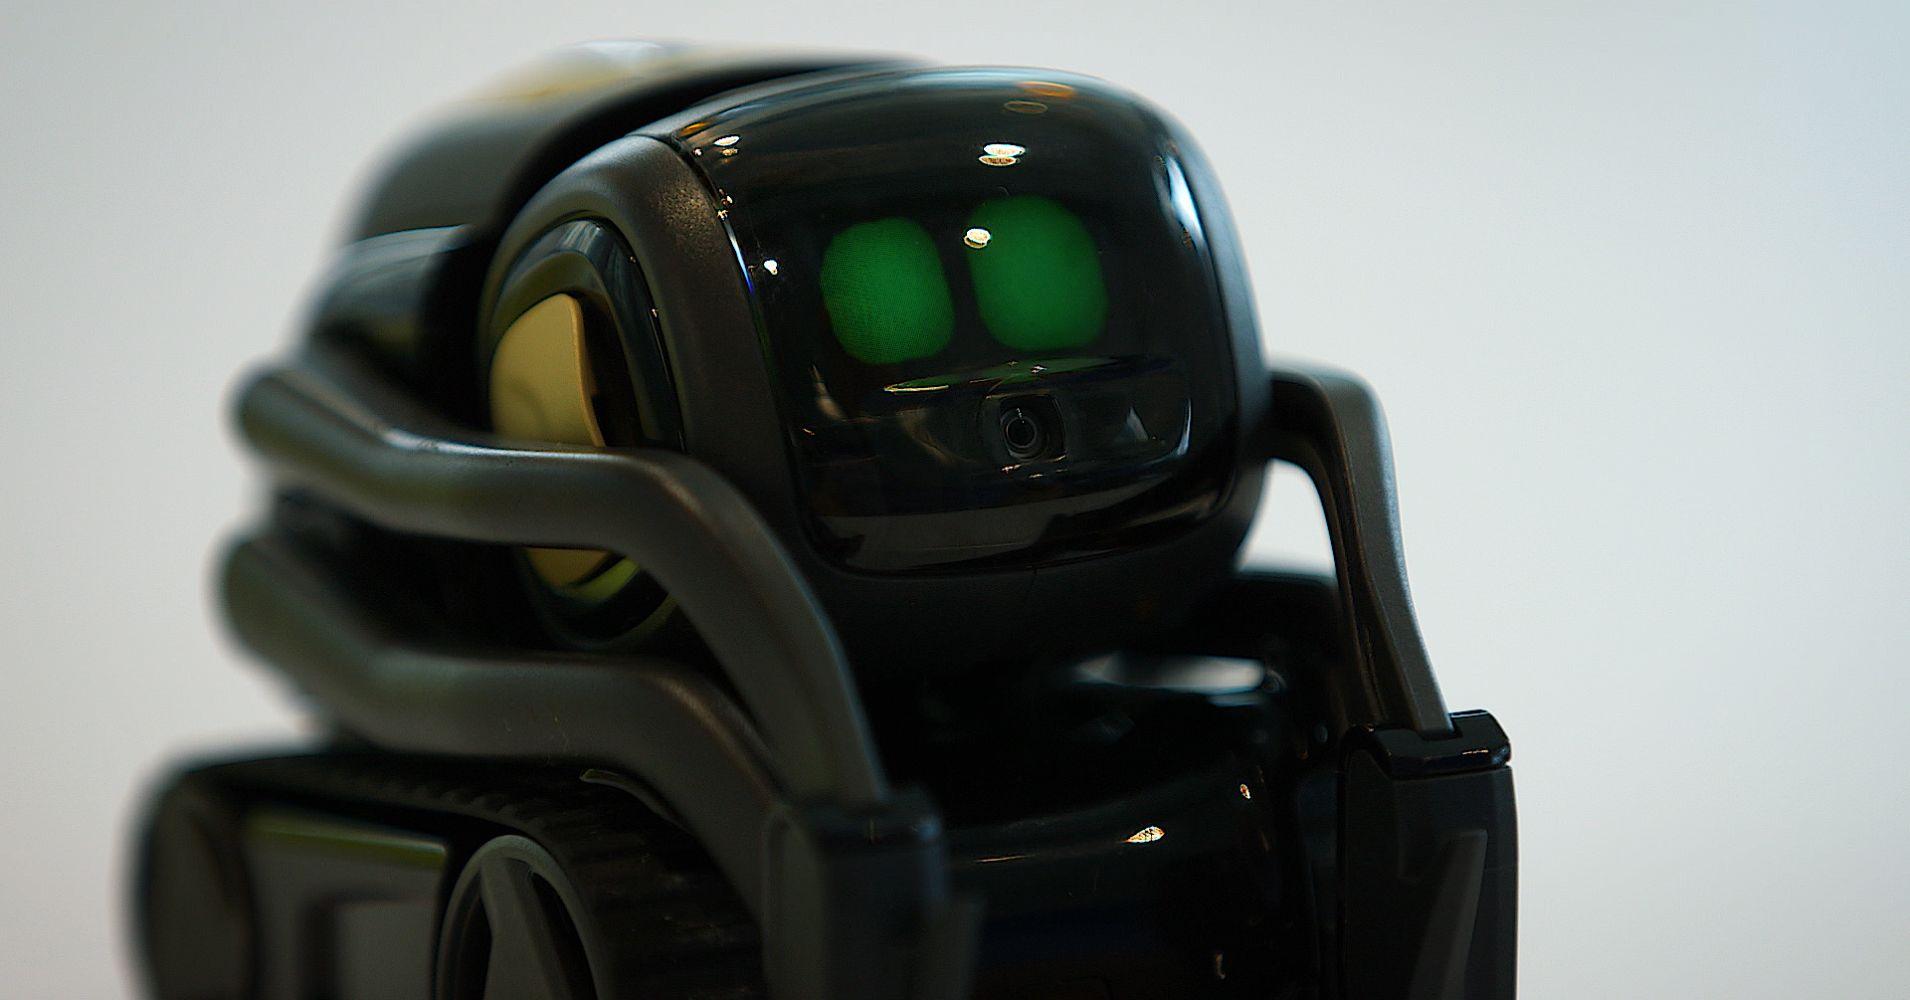 Imagem de Robô que arrecadou quase US$ 2 milhões no Kickstarter é lançado pela Anki no tecmundo